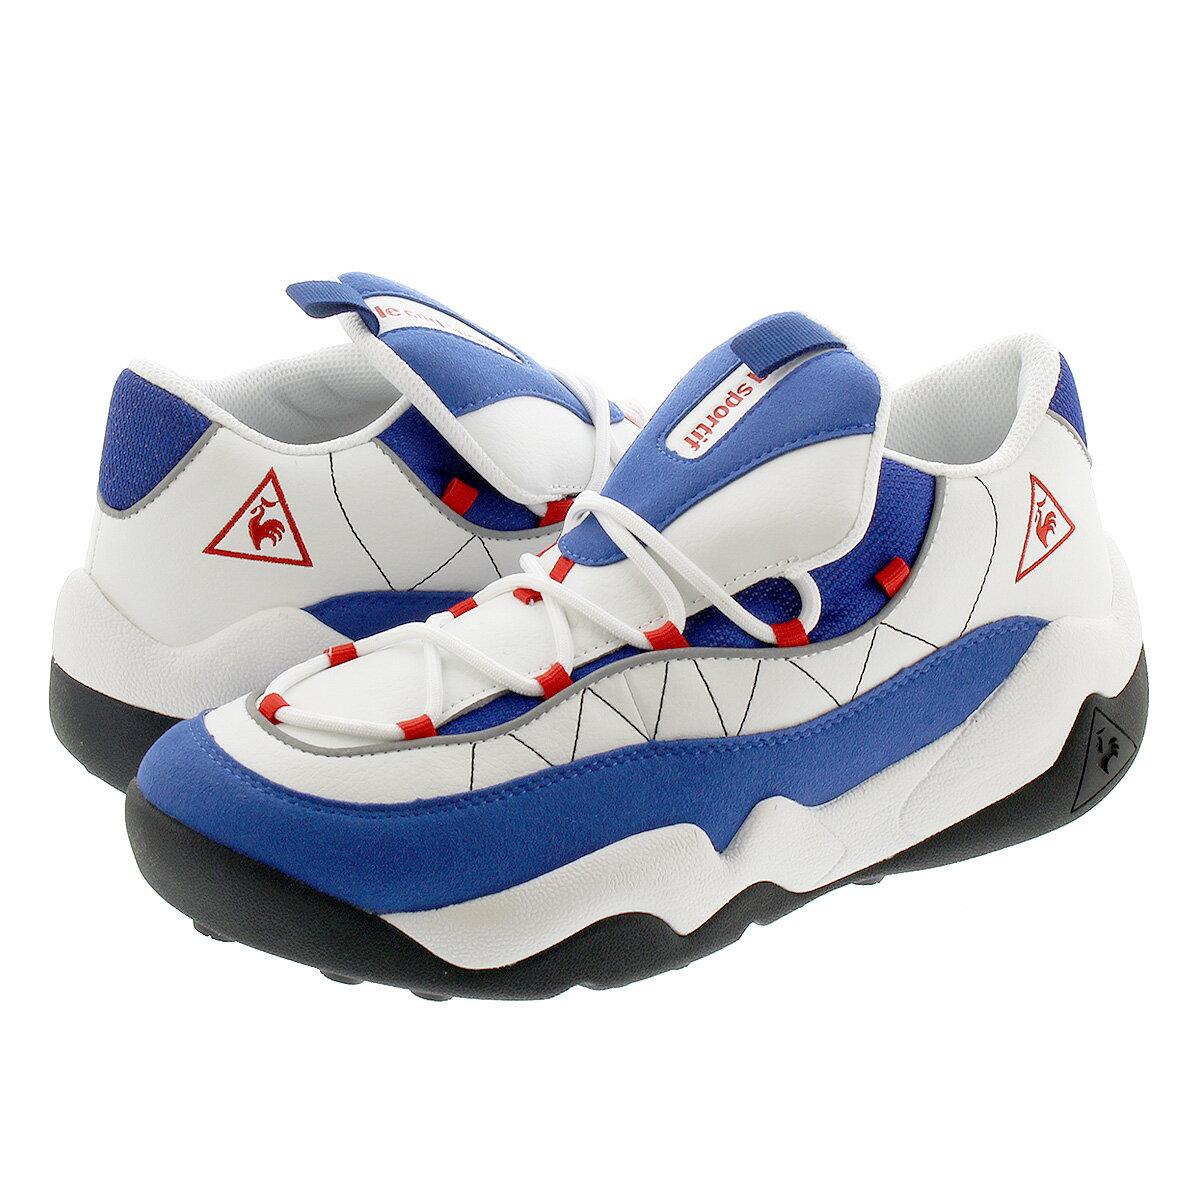 メンズ靴, スニーカー le coq sportif LCS TR LCS TR WHITEBLUERED ql2ojc52wb